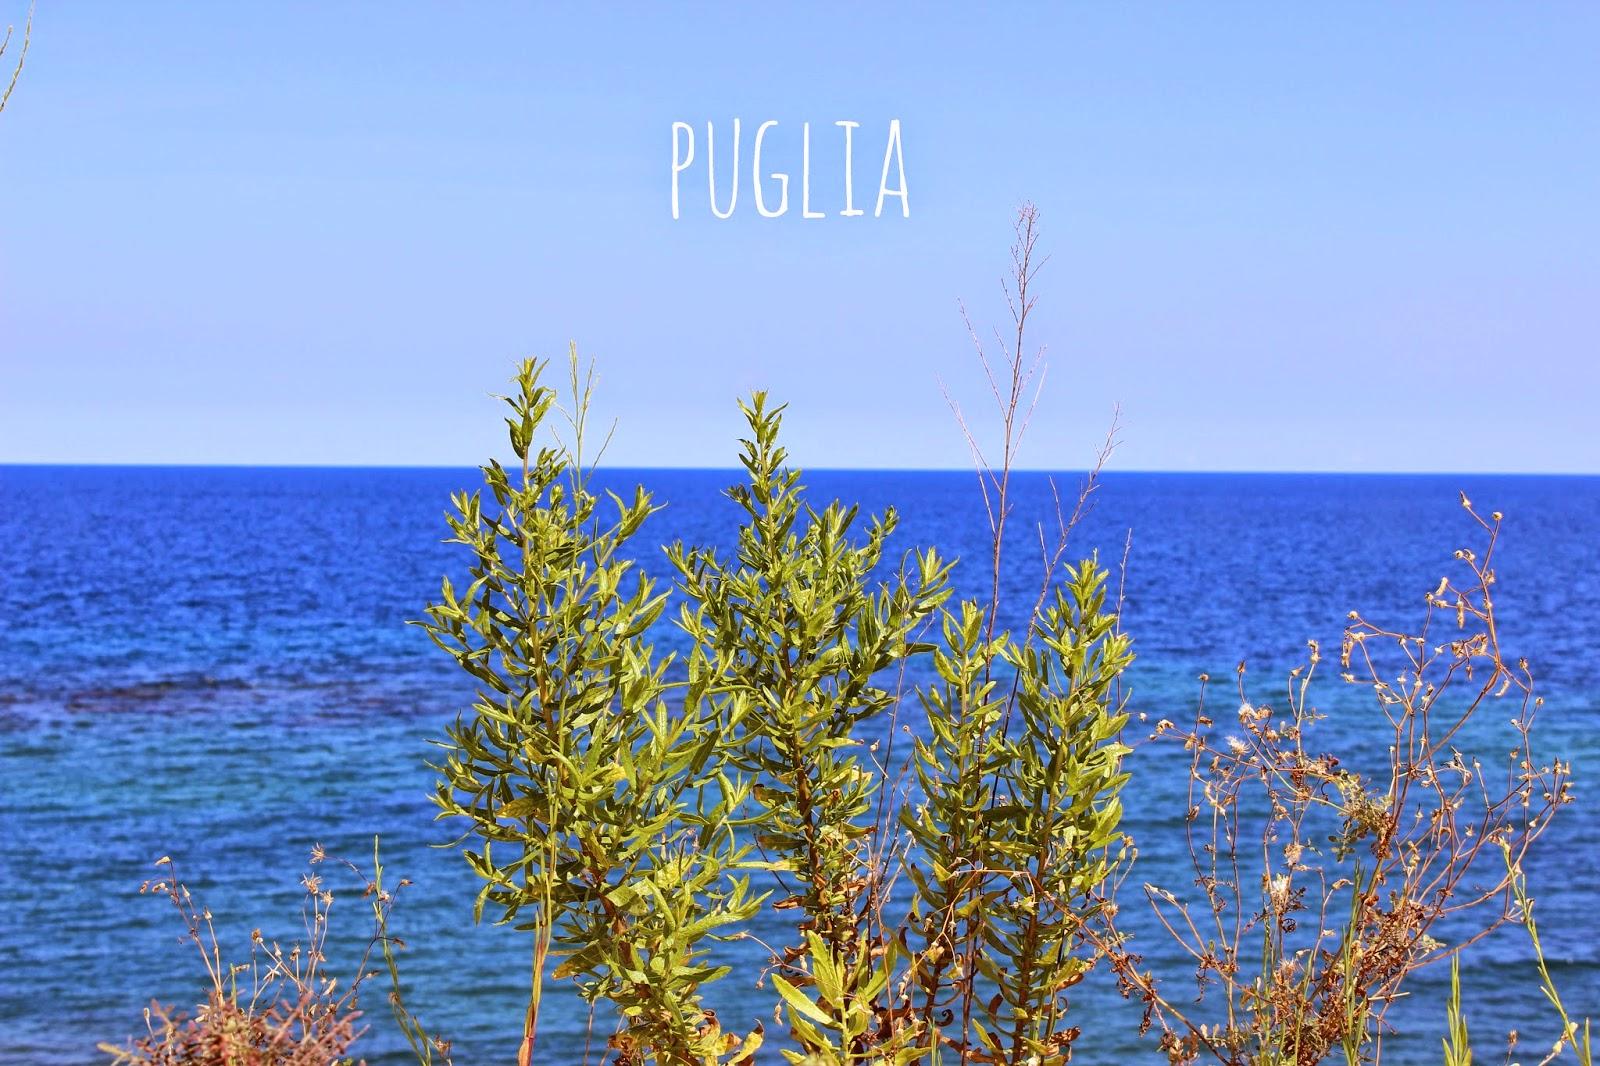 http://scentedlittlepleasures.blogspot.it/2014/09/scorci-di-puglia-e-un-trasloco-imminente.html